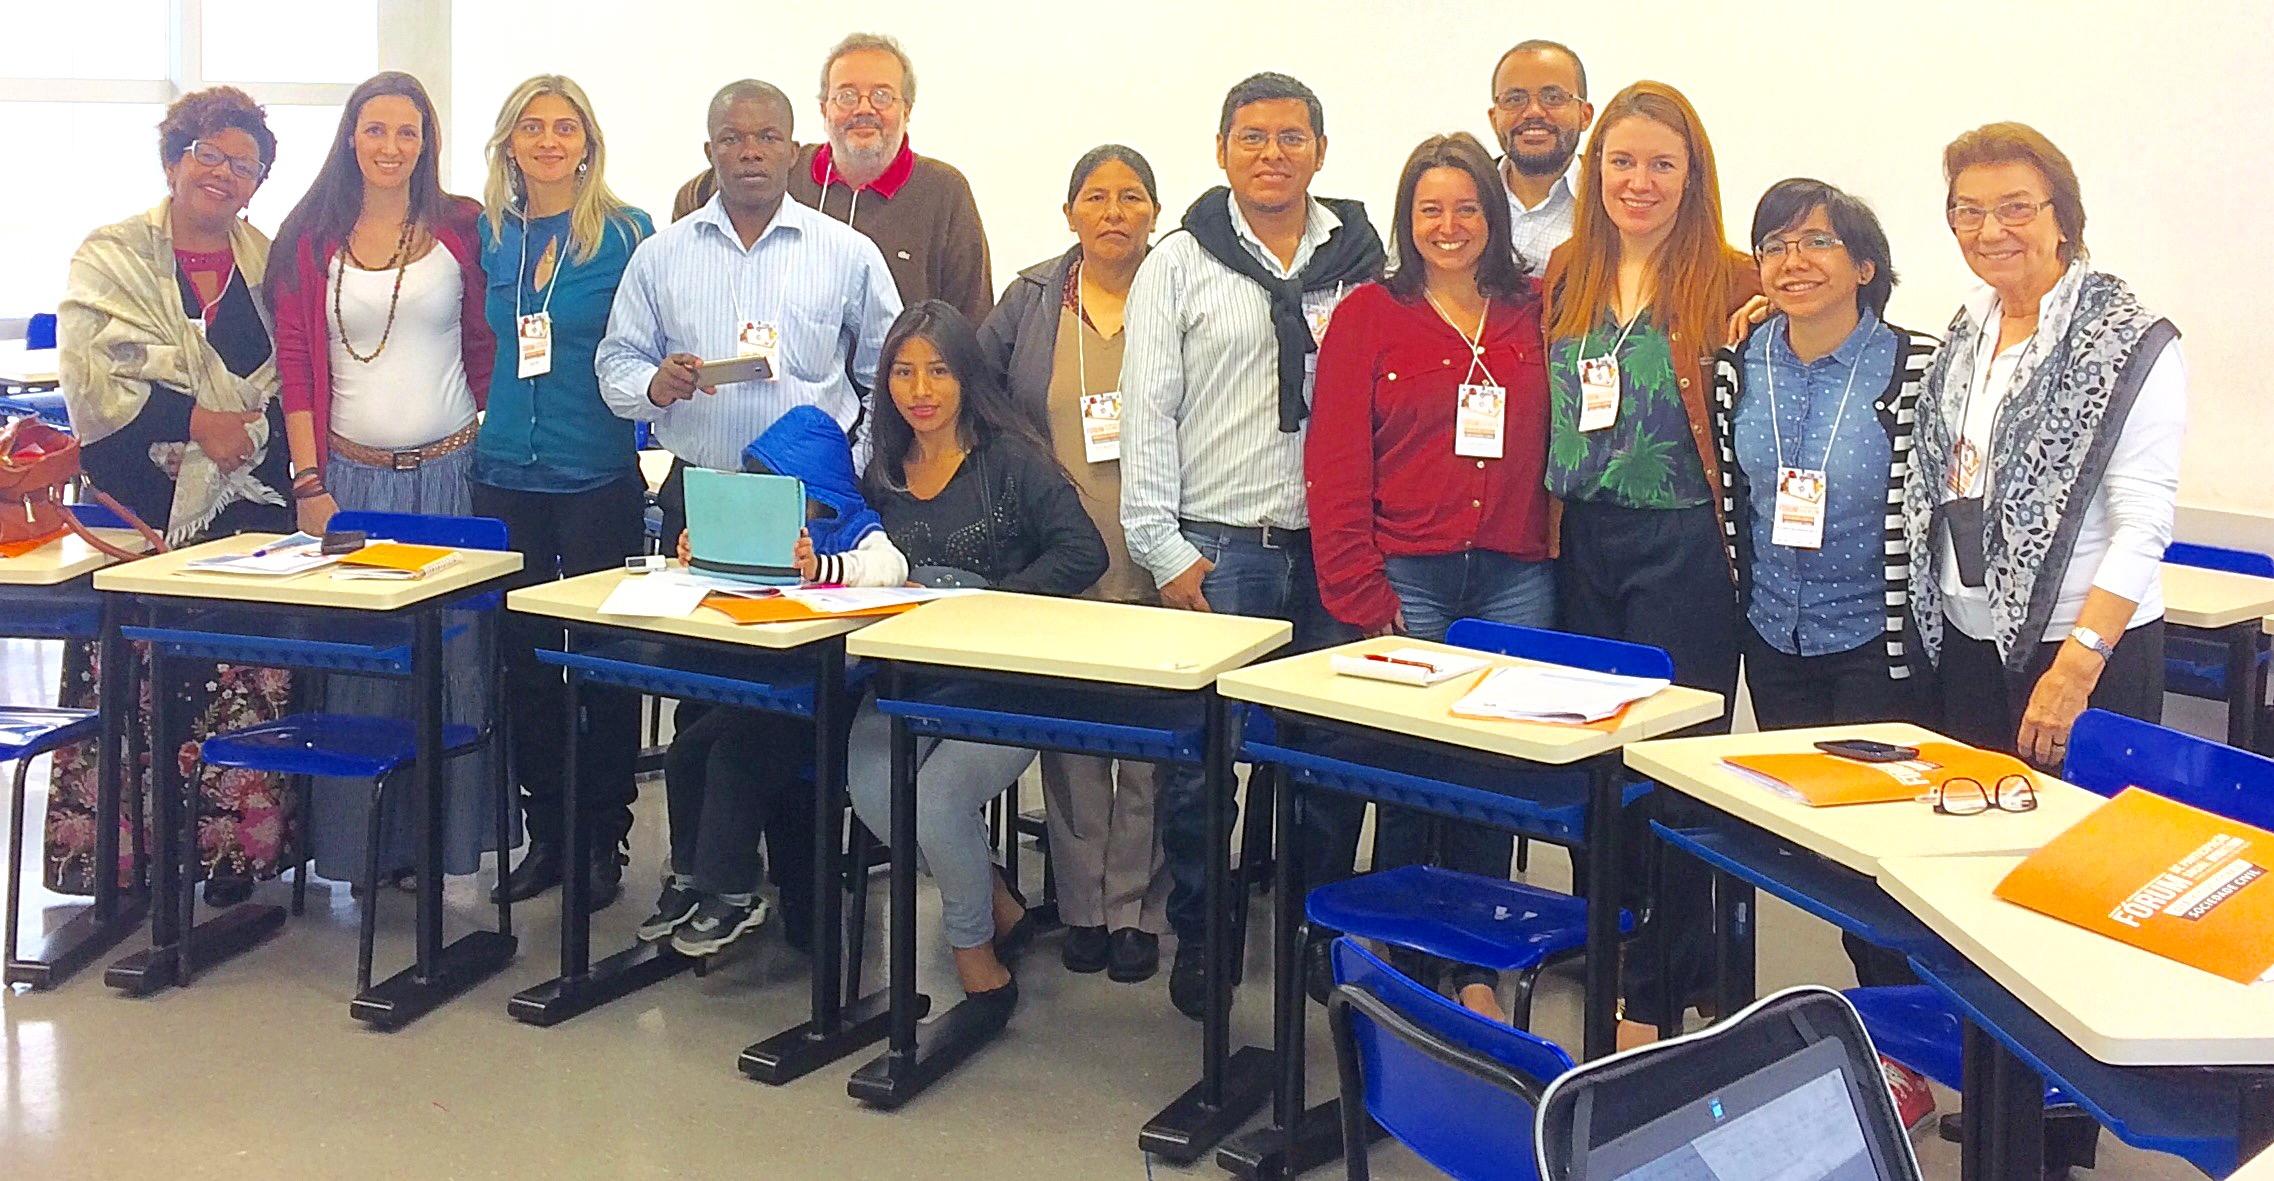 IMDH participa do I Diálogo de Participação Social promovido pelo Conselho Nacional de Imigração (CNIg)